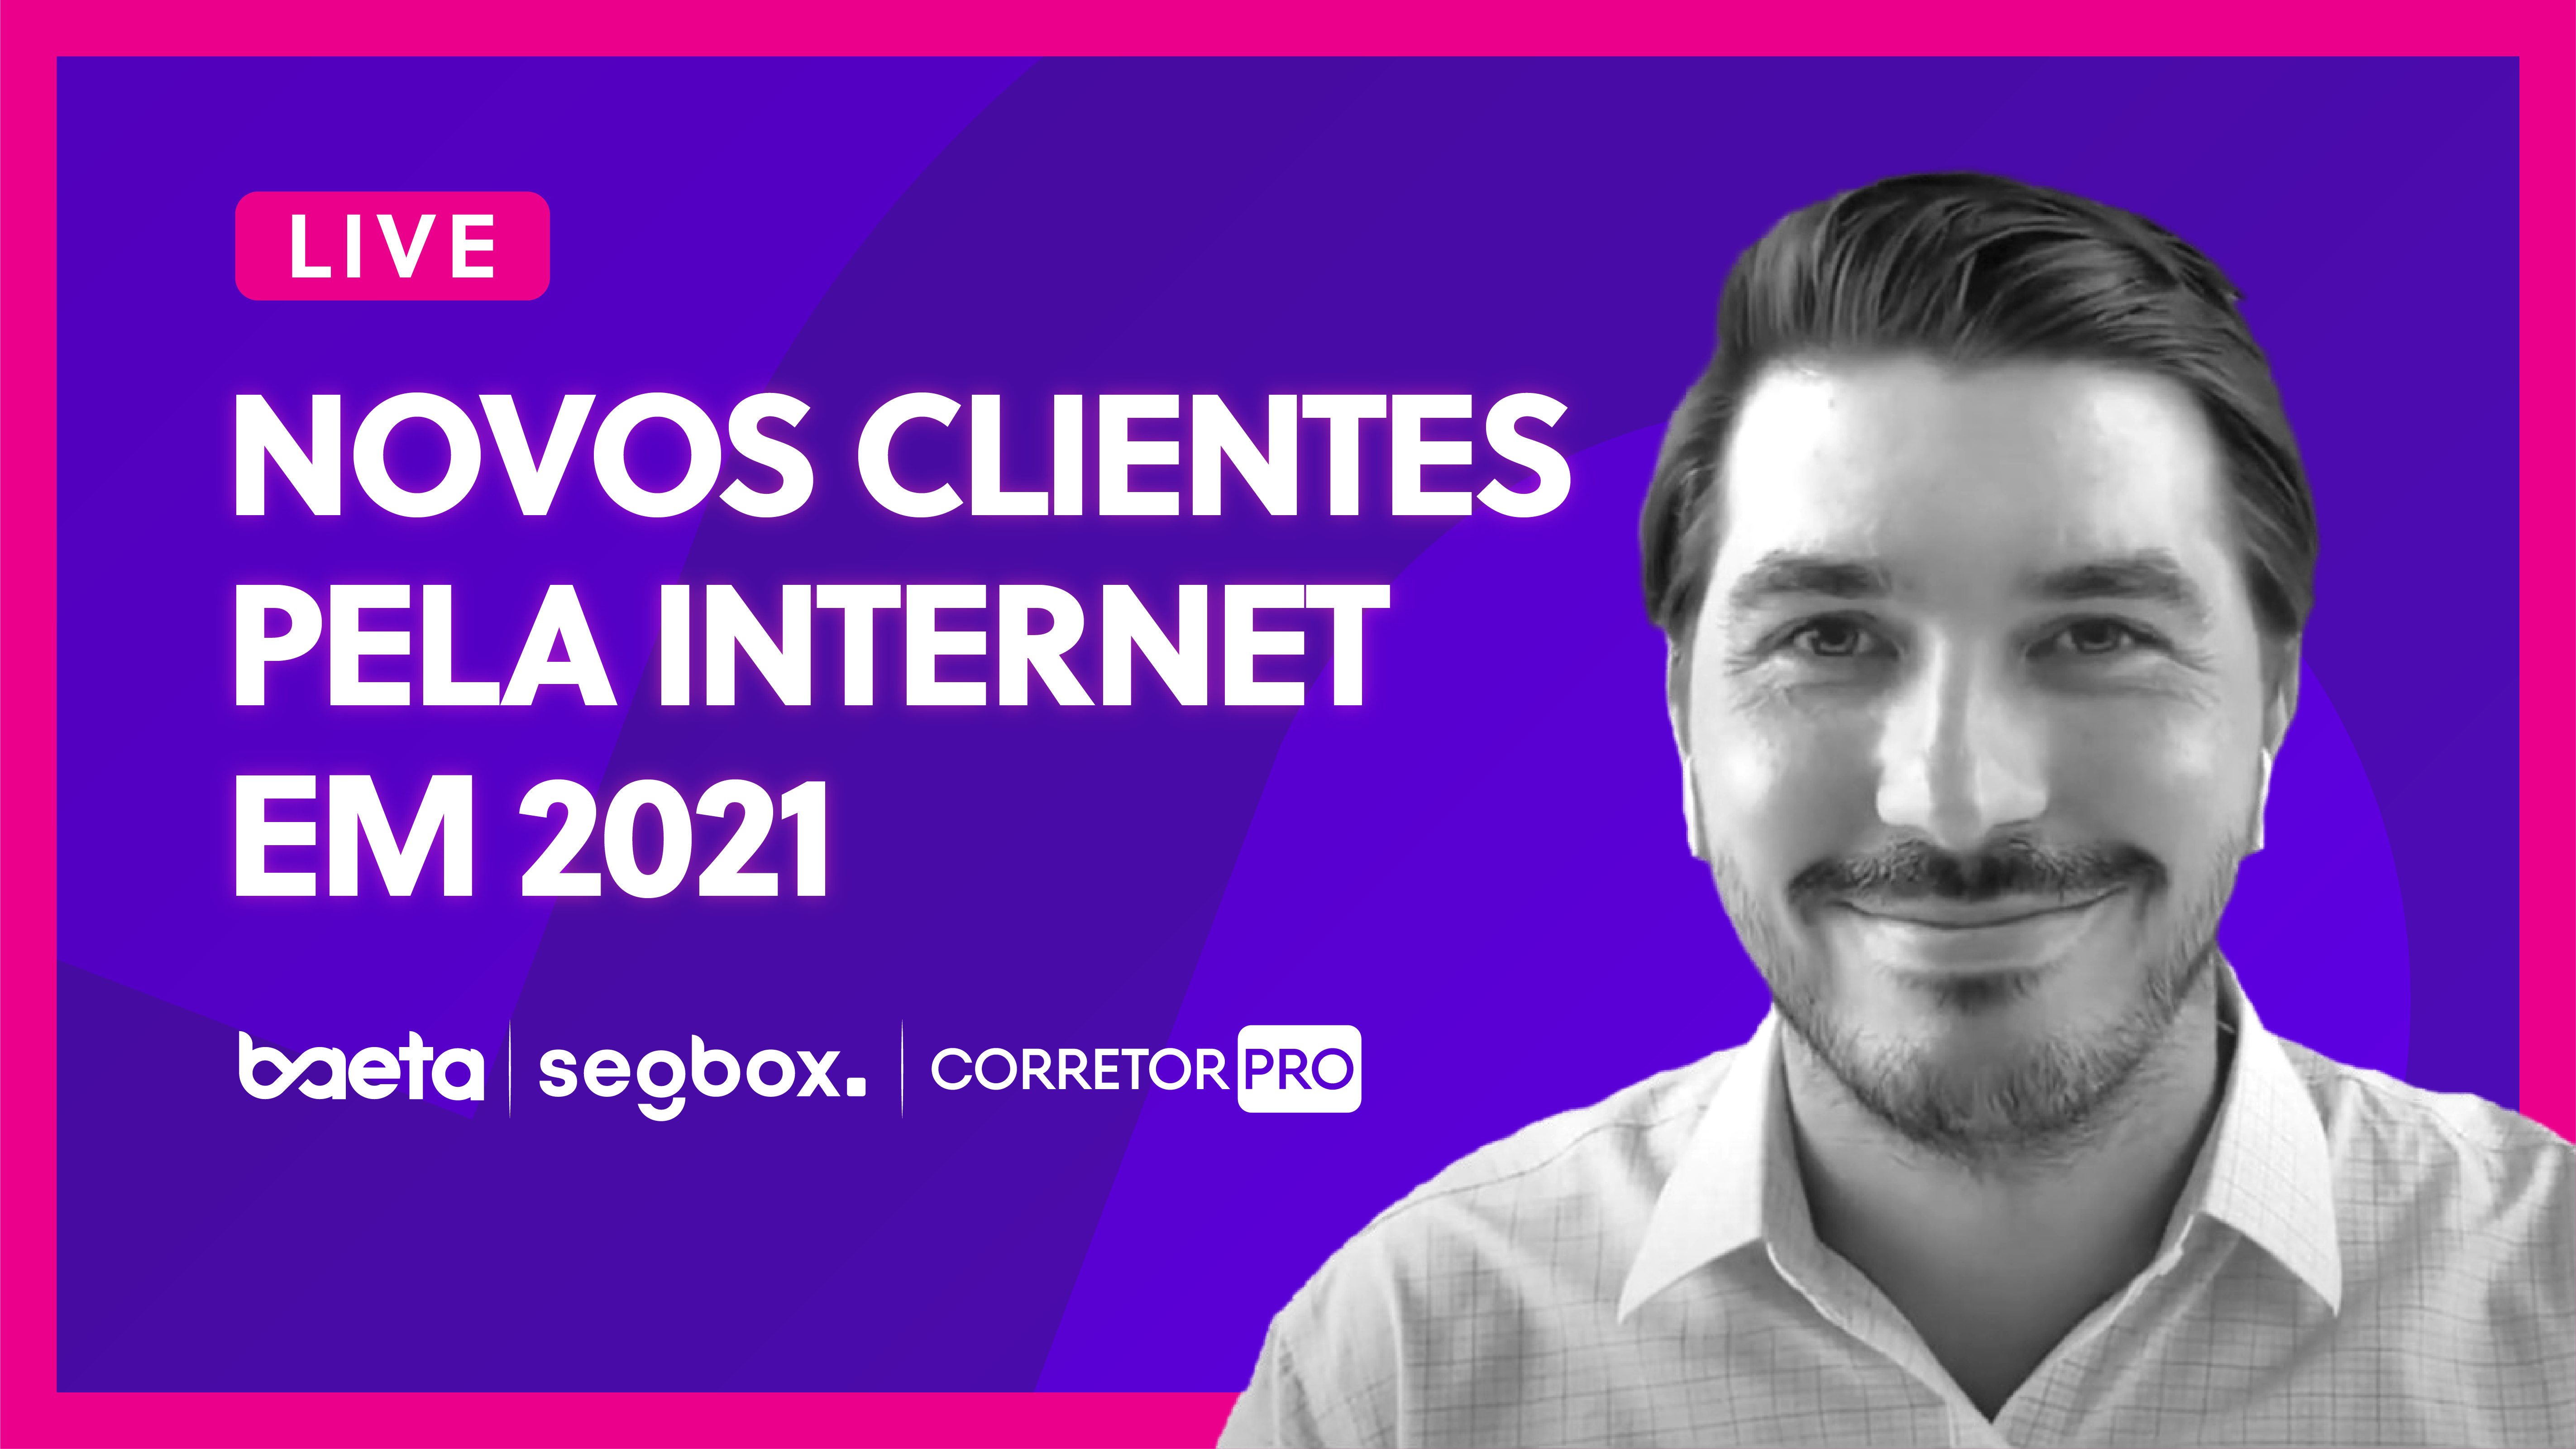 Live - Novos Clientes pela Internet em 2021